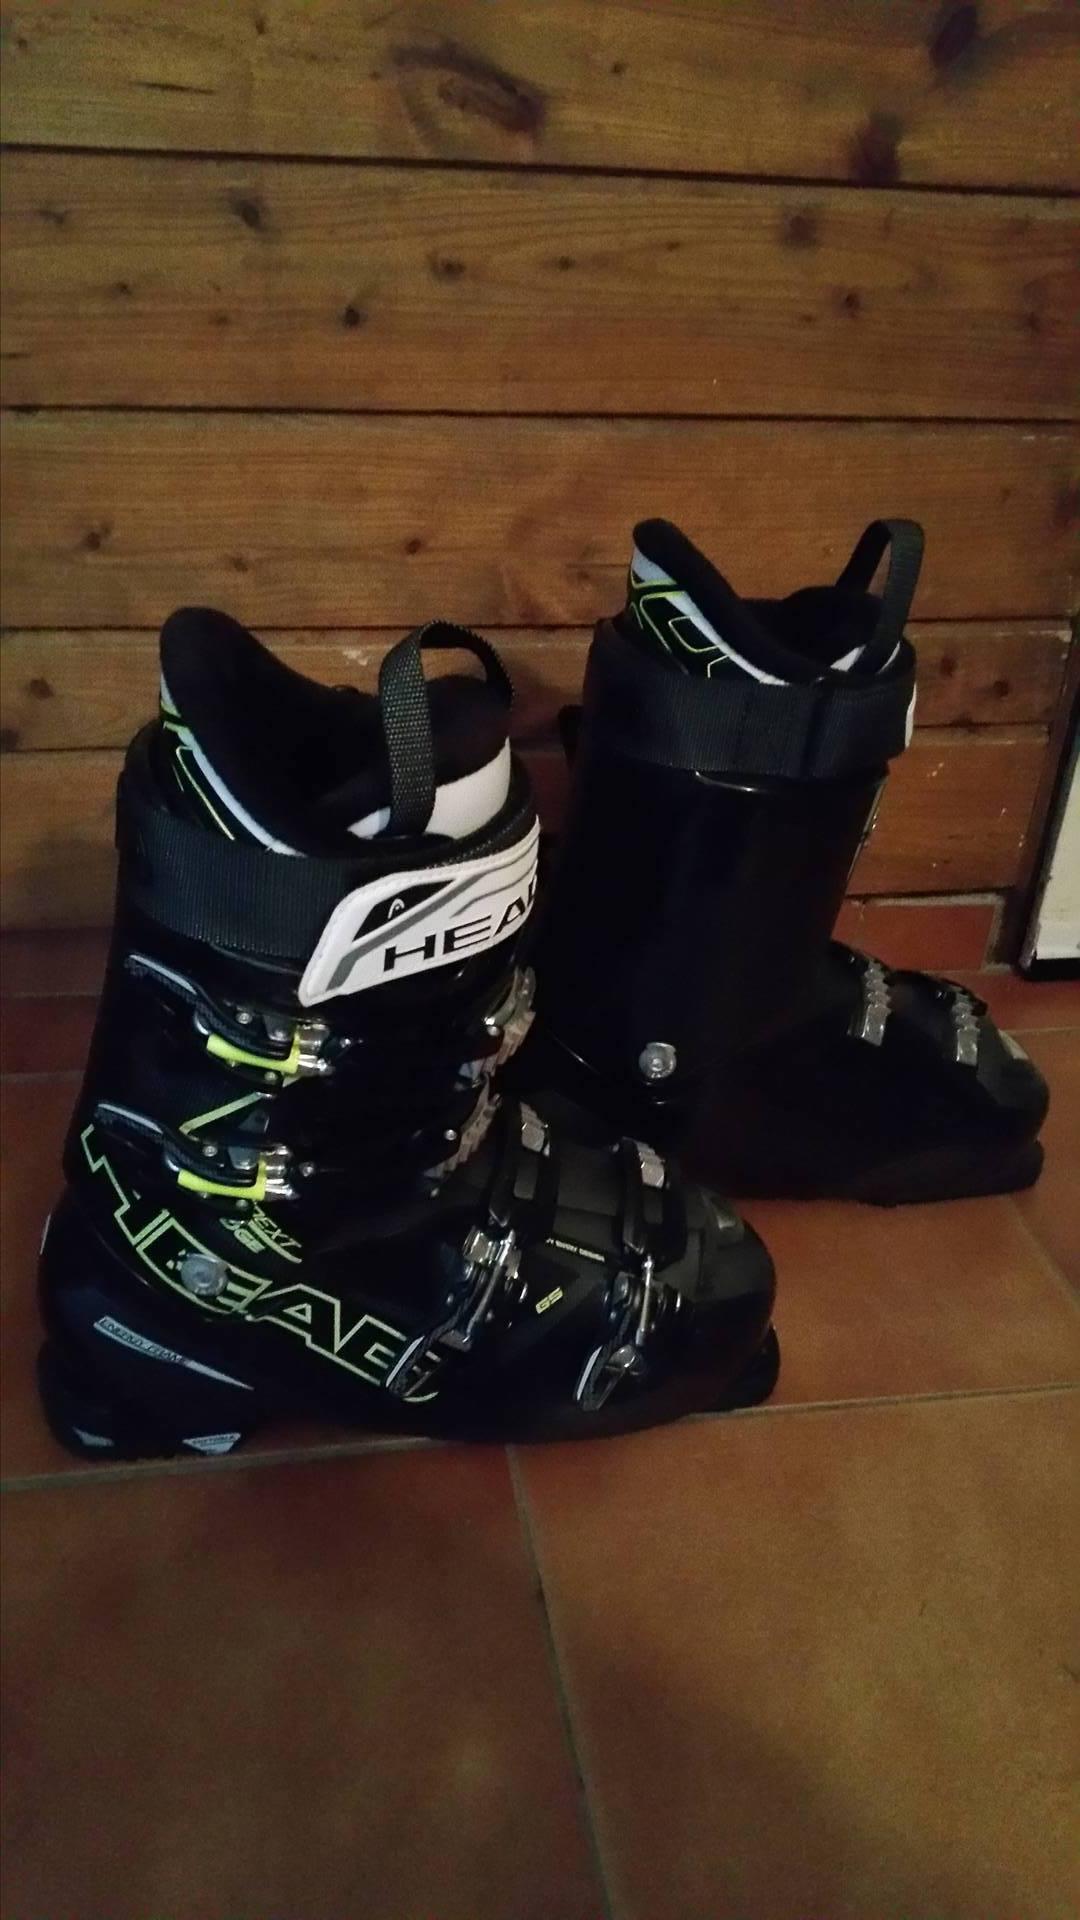 Lyžařské boty (lyžáky) HEAD NEXT EDGE GS SMU (vel. - Bazar - SNOW.CZ 5db98785f7